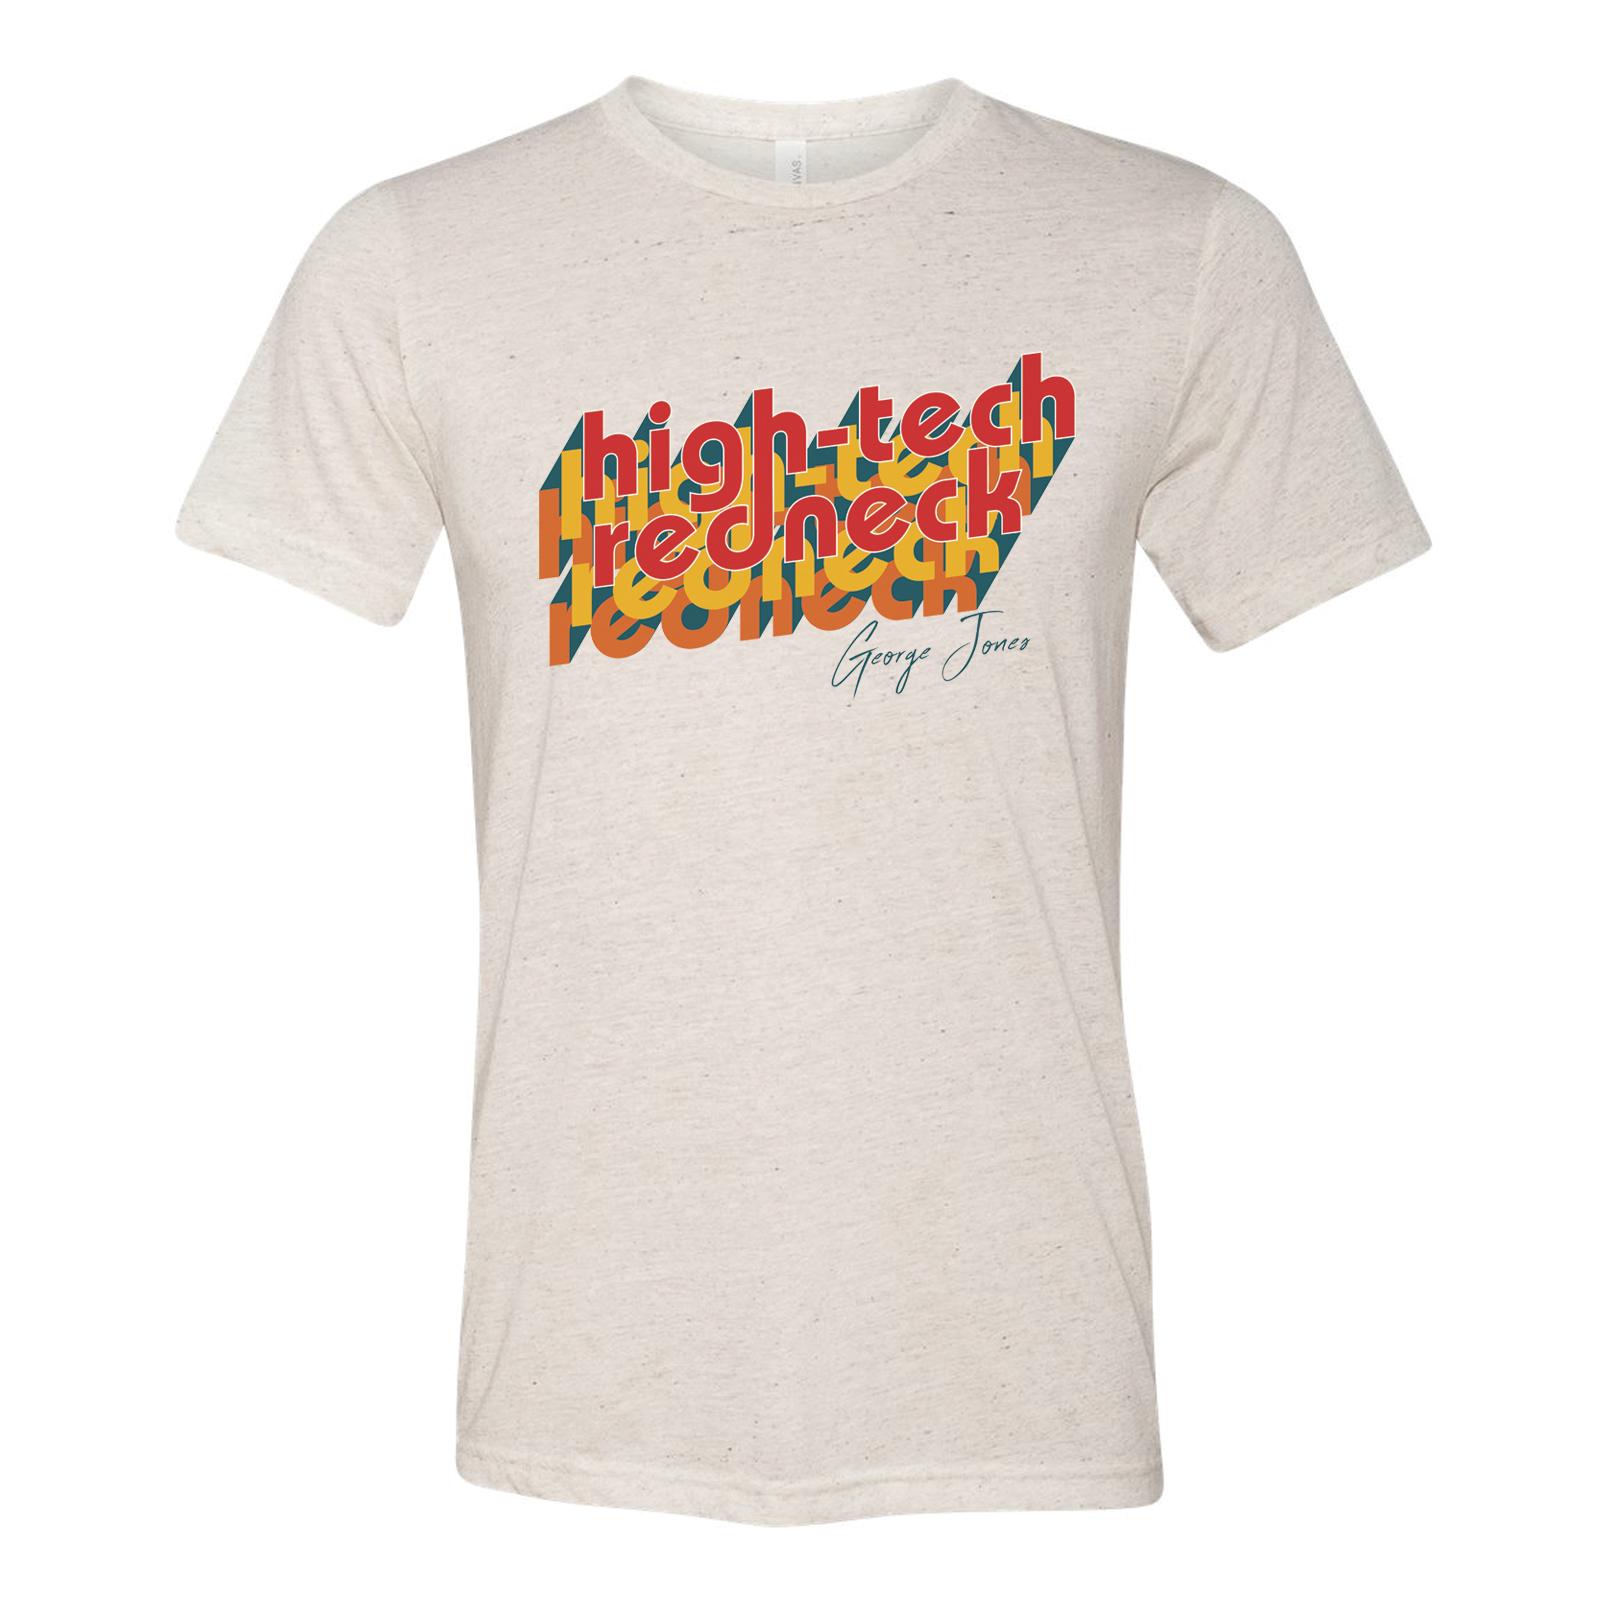 High Tech Redneck Retro T-Shirt